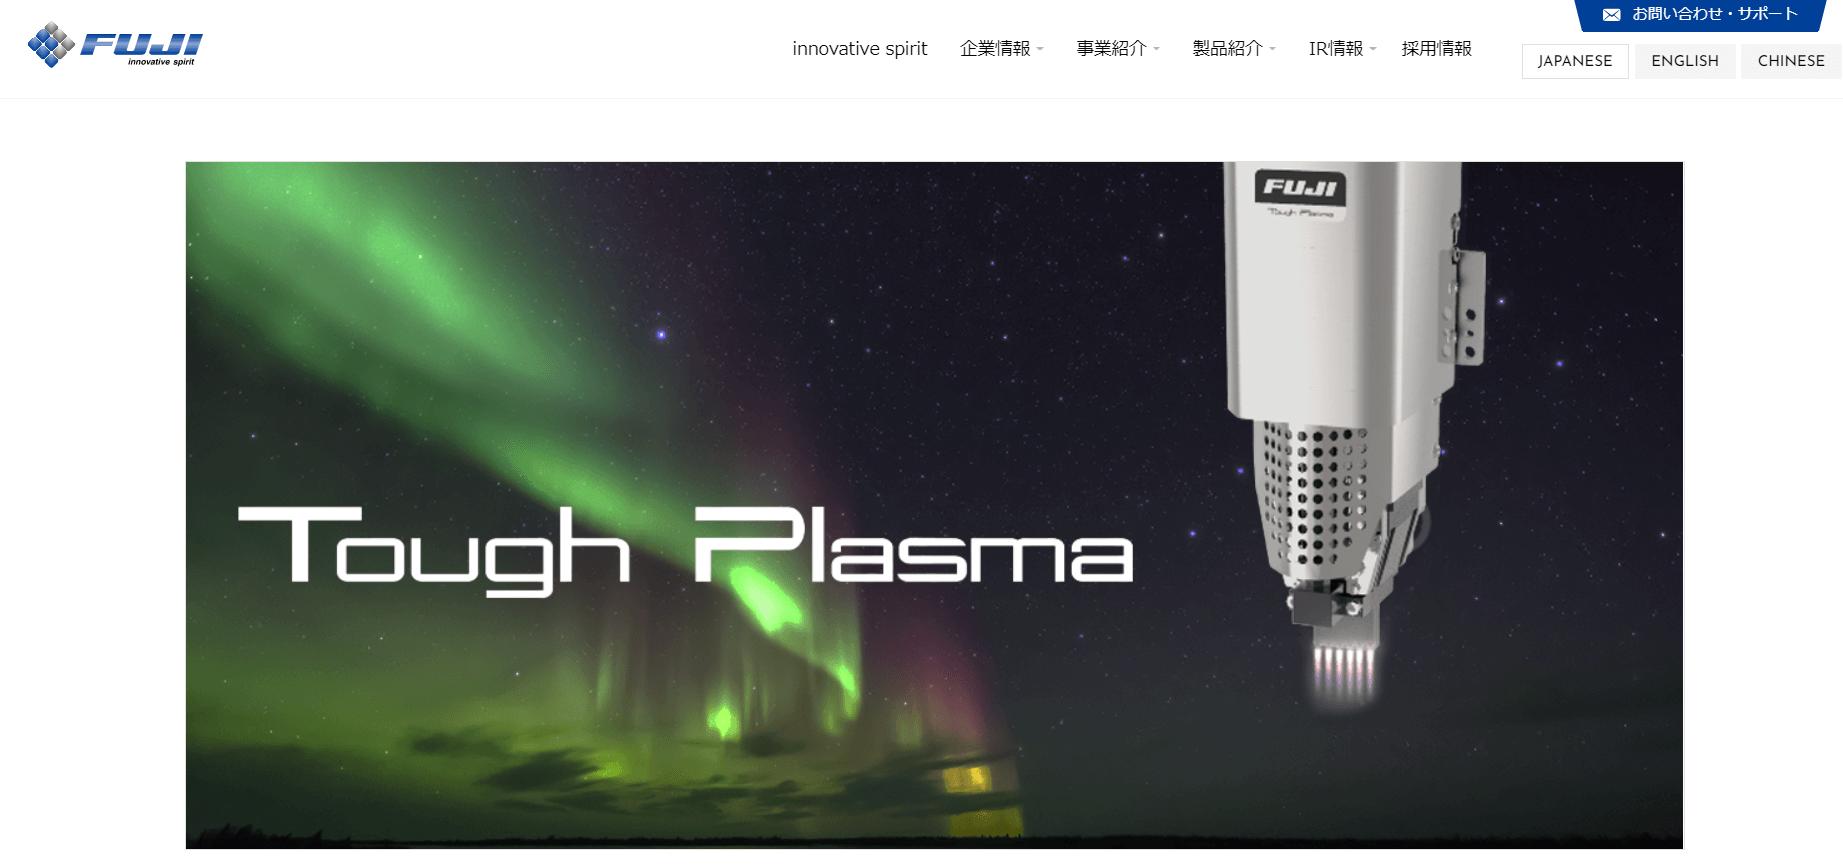 Tough Plasma